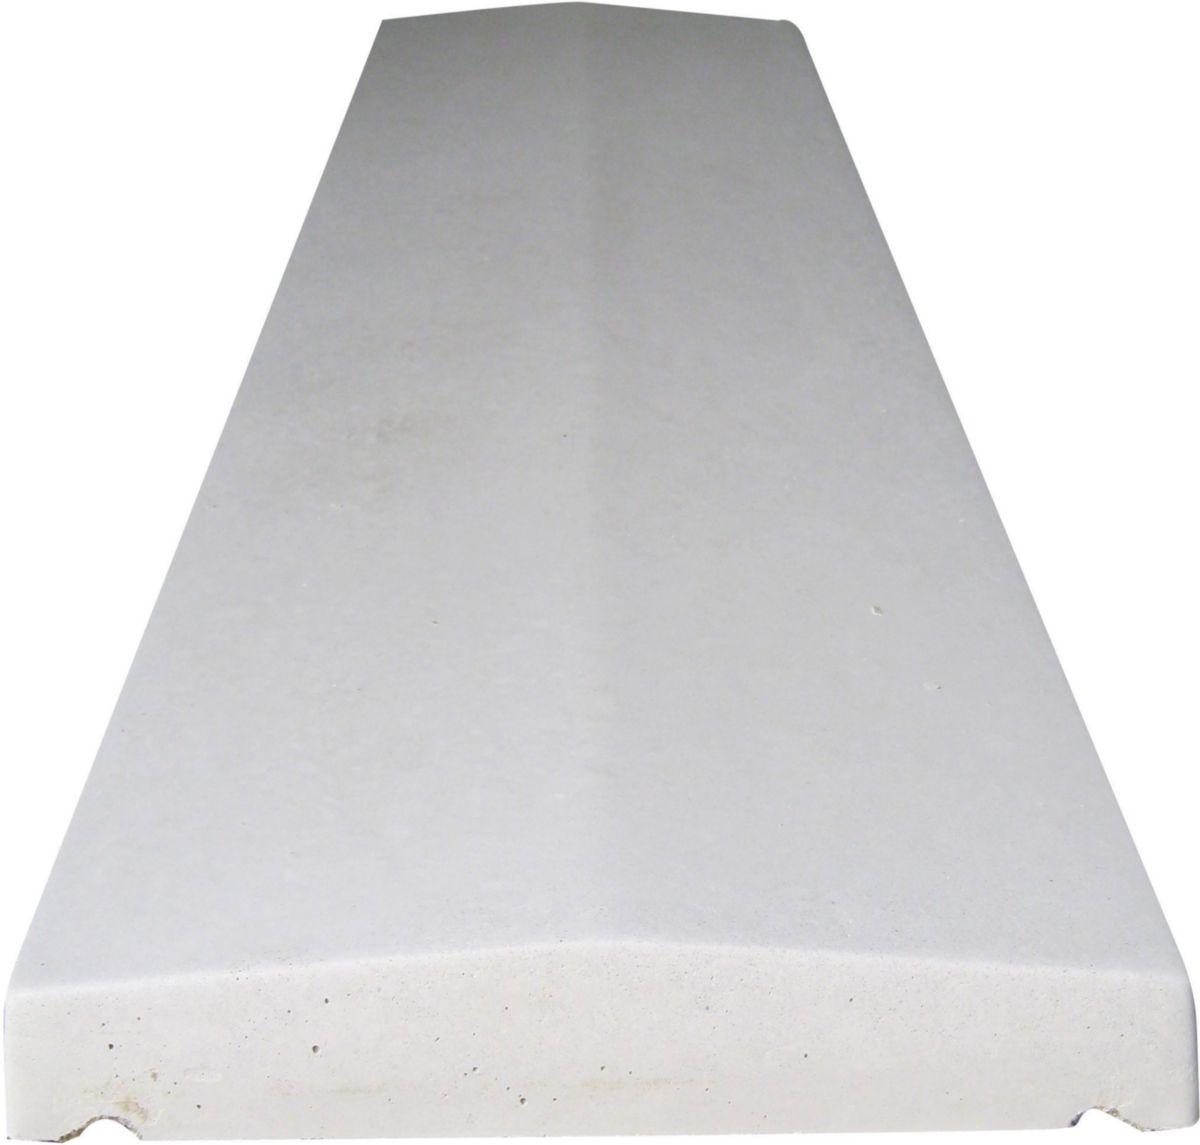 Couvertine Plate Pour Mur Béton 1x0 2 M Opl Décoration